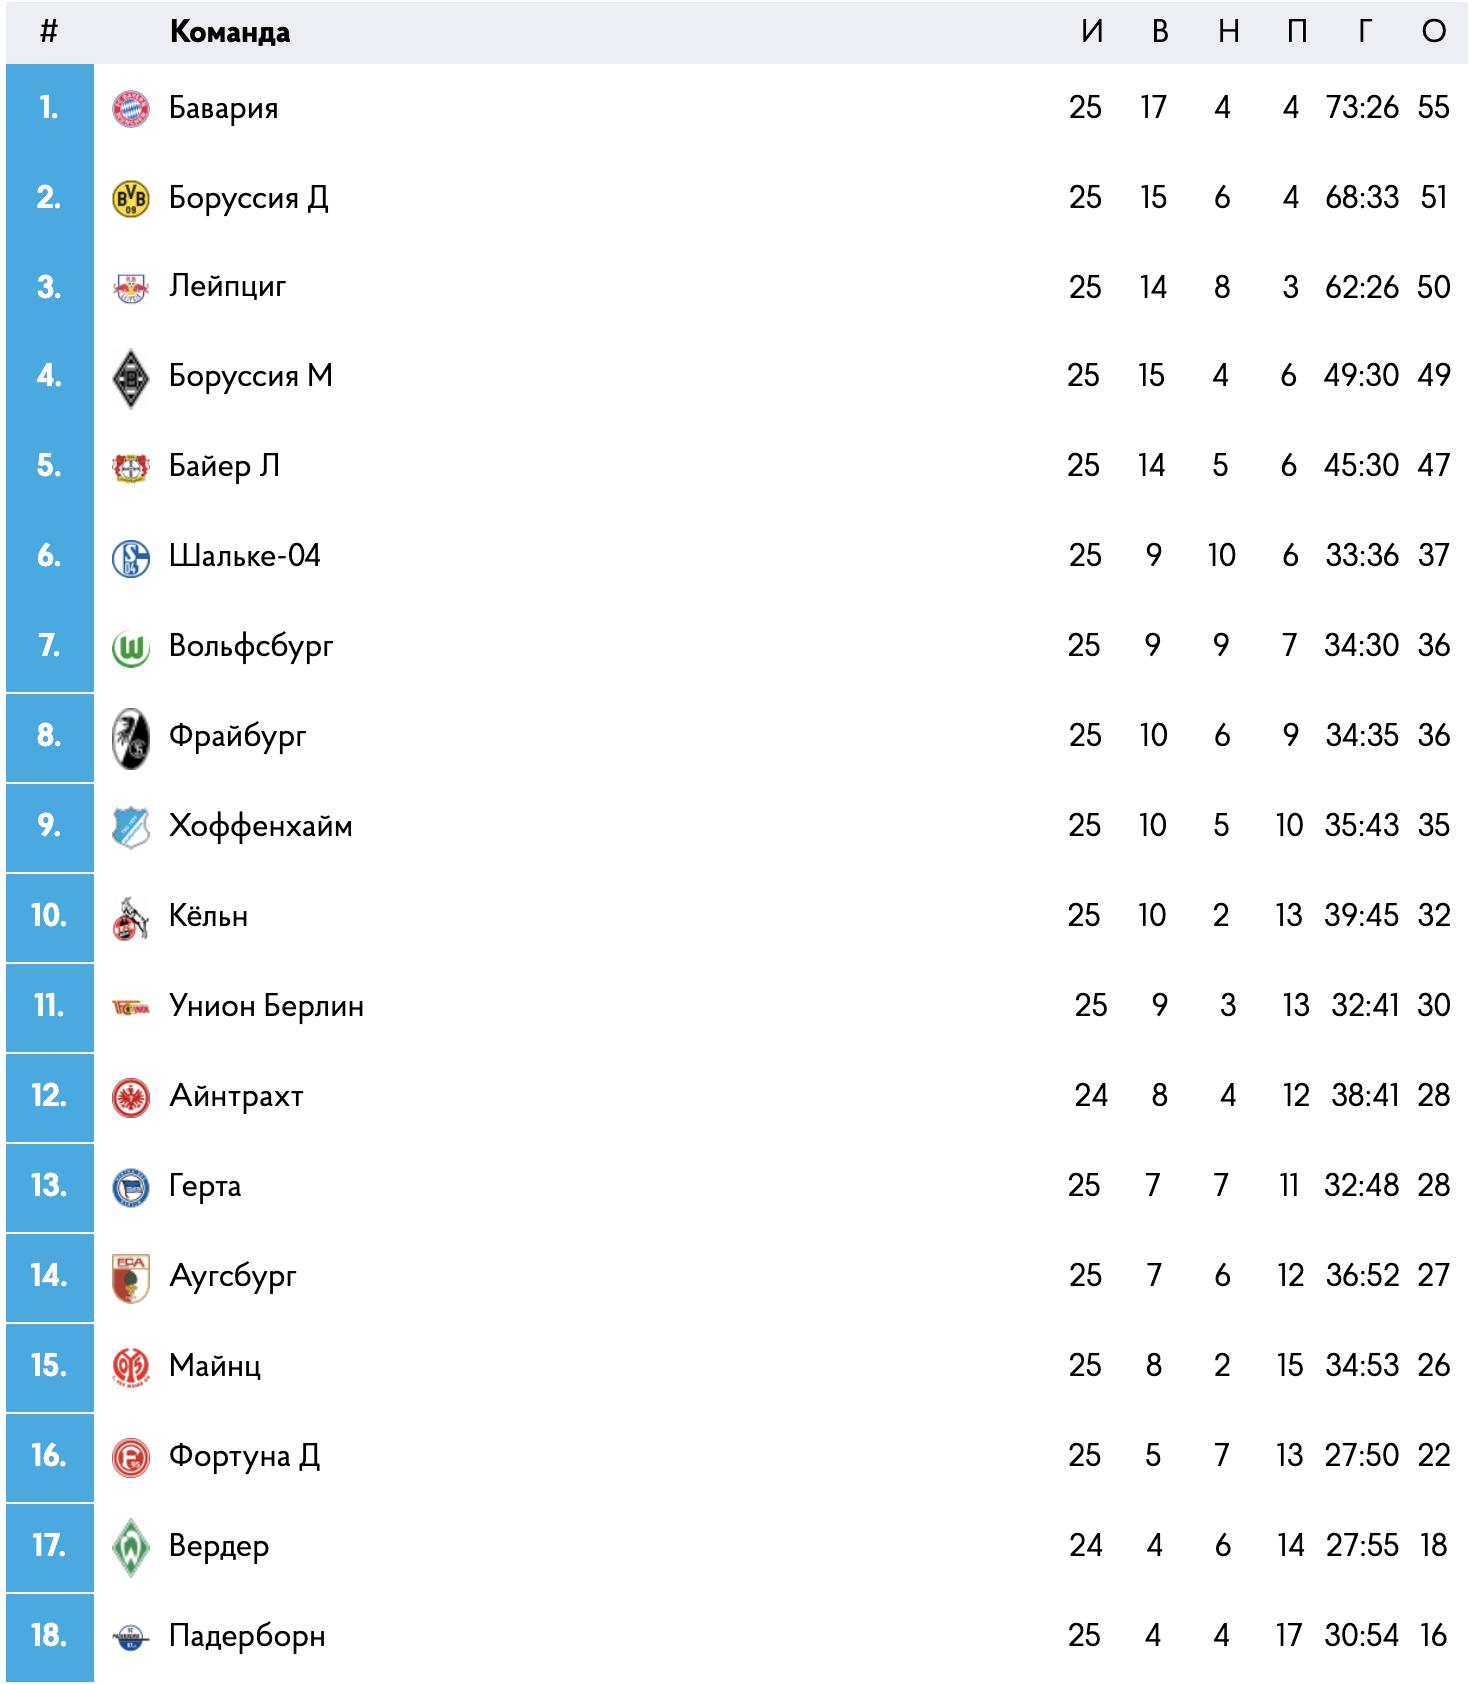 Турнирная таблица Бундеслиги сезона 2019/2020 после короновируса